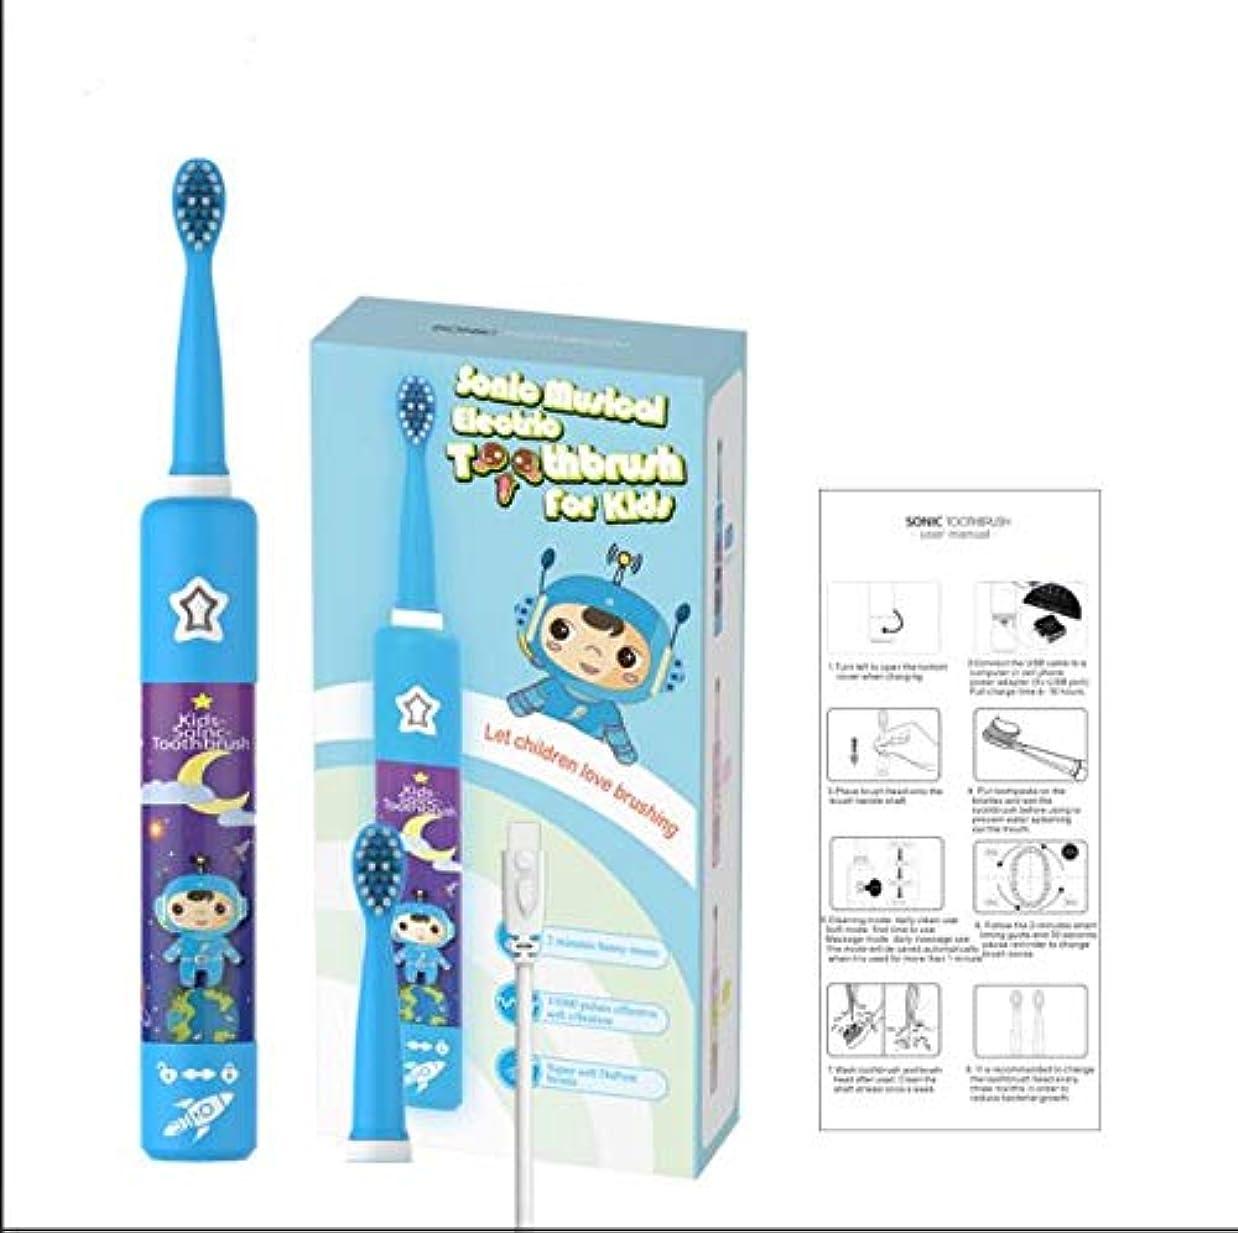 新しいスタイルキッズ漫画パターン電動ソニック歯ブラシ家族ソニックブラシ子供ipx7防水スマートタイマー歯ブラシヘッド (blue)